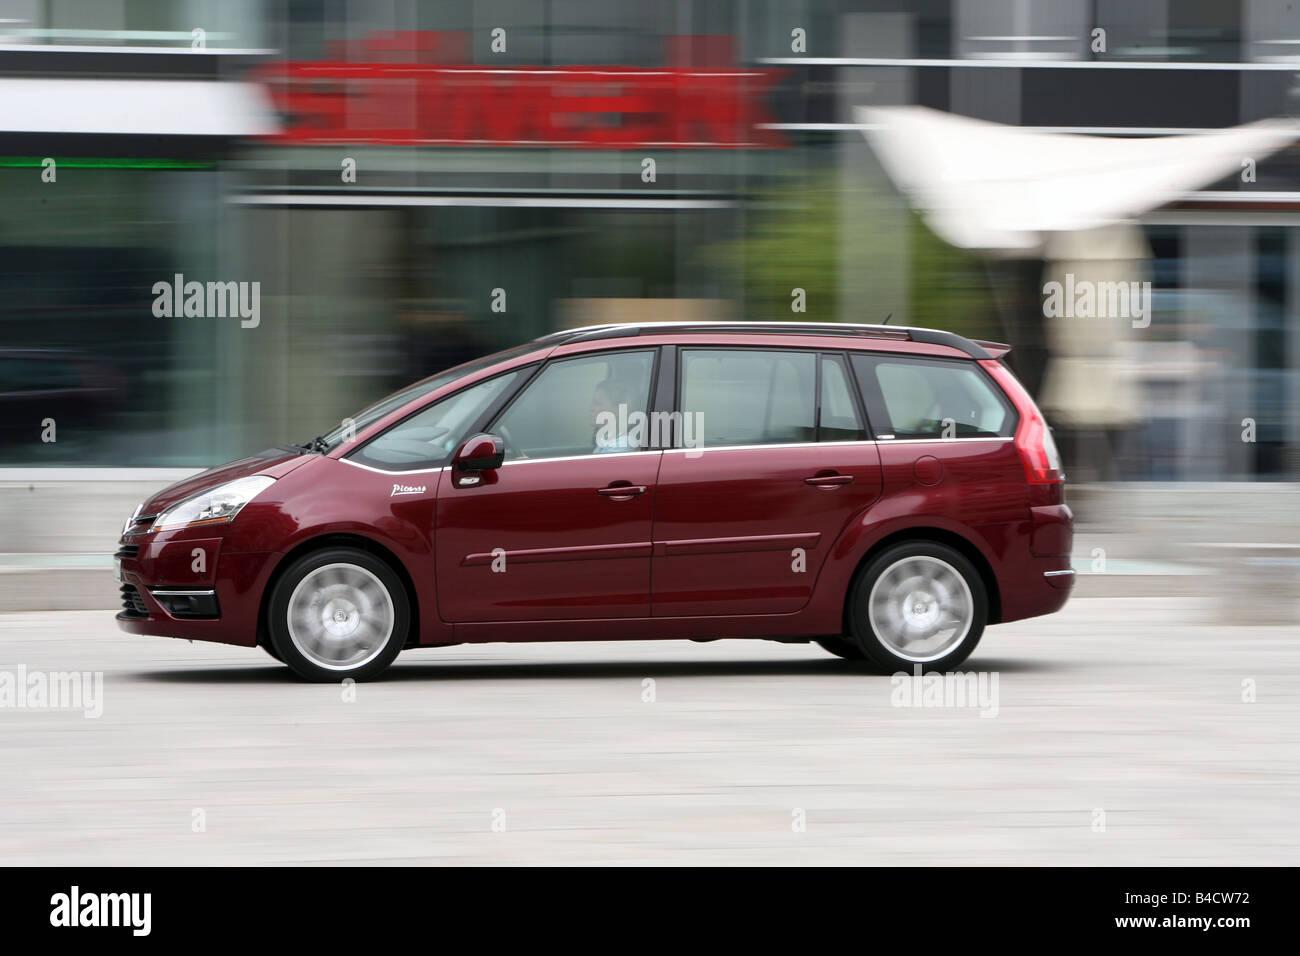 Citroen C4 Piapprox.so 135 HDi, esclusivo modello anno 2006-, di colore rubino, guida, vista laterale, Città Foto Stock